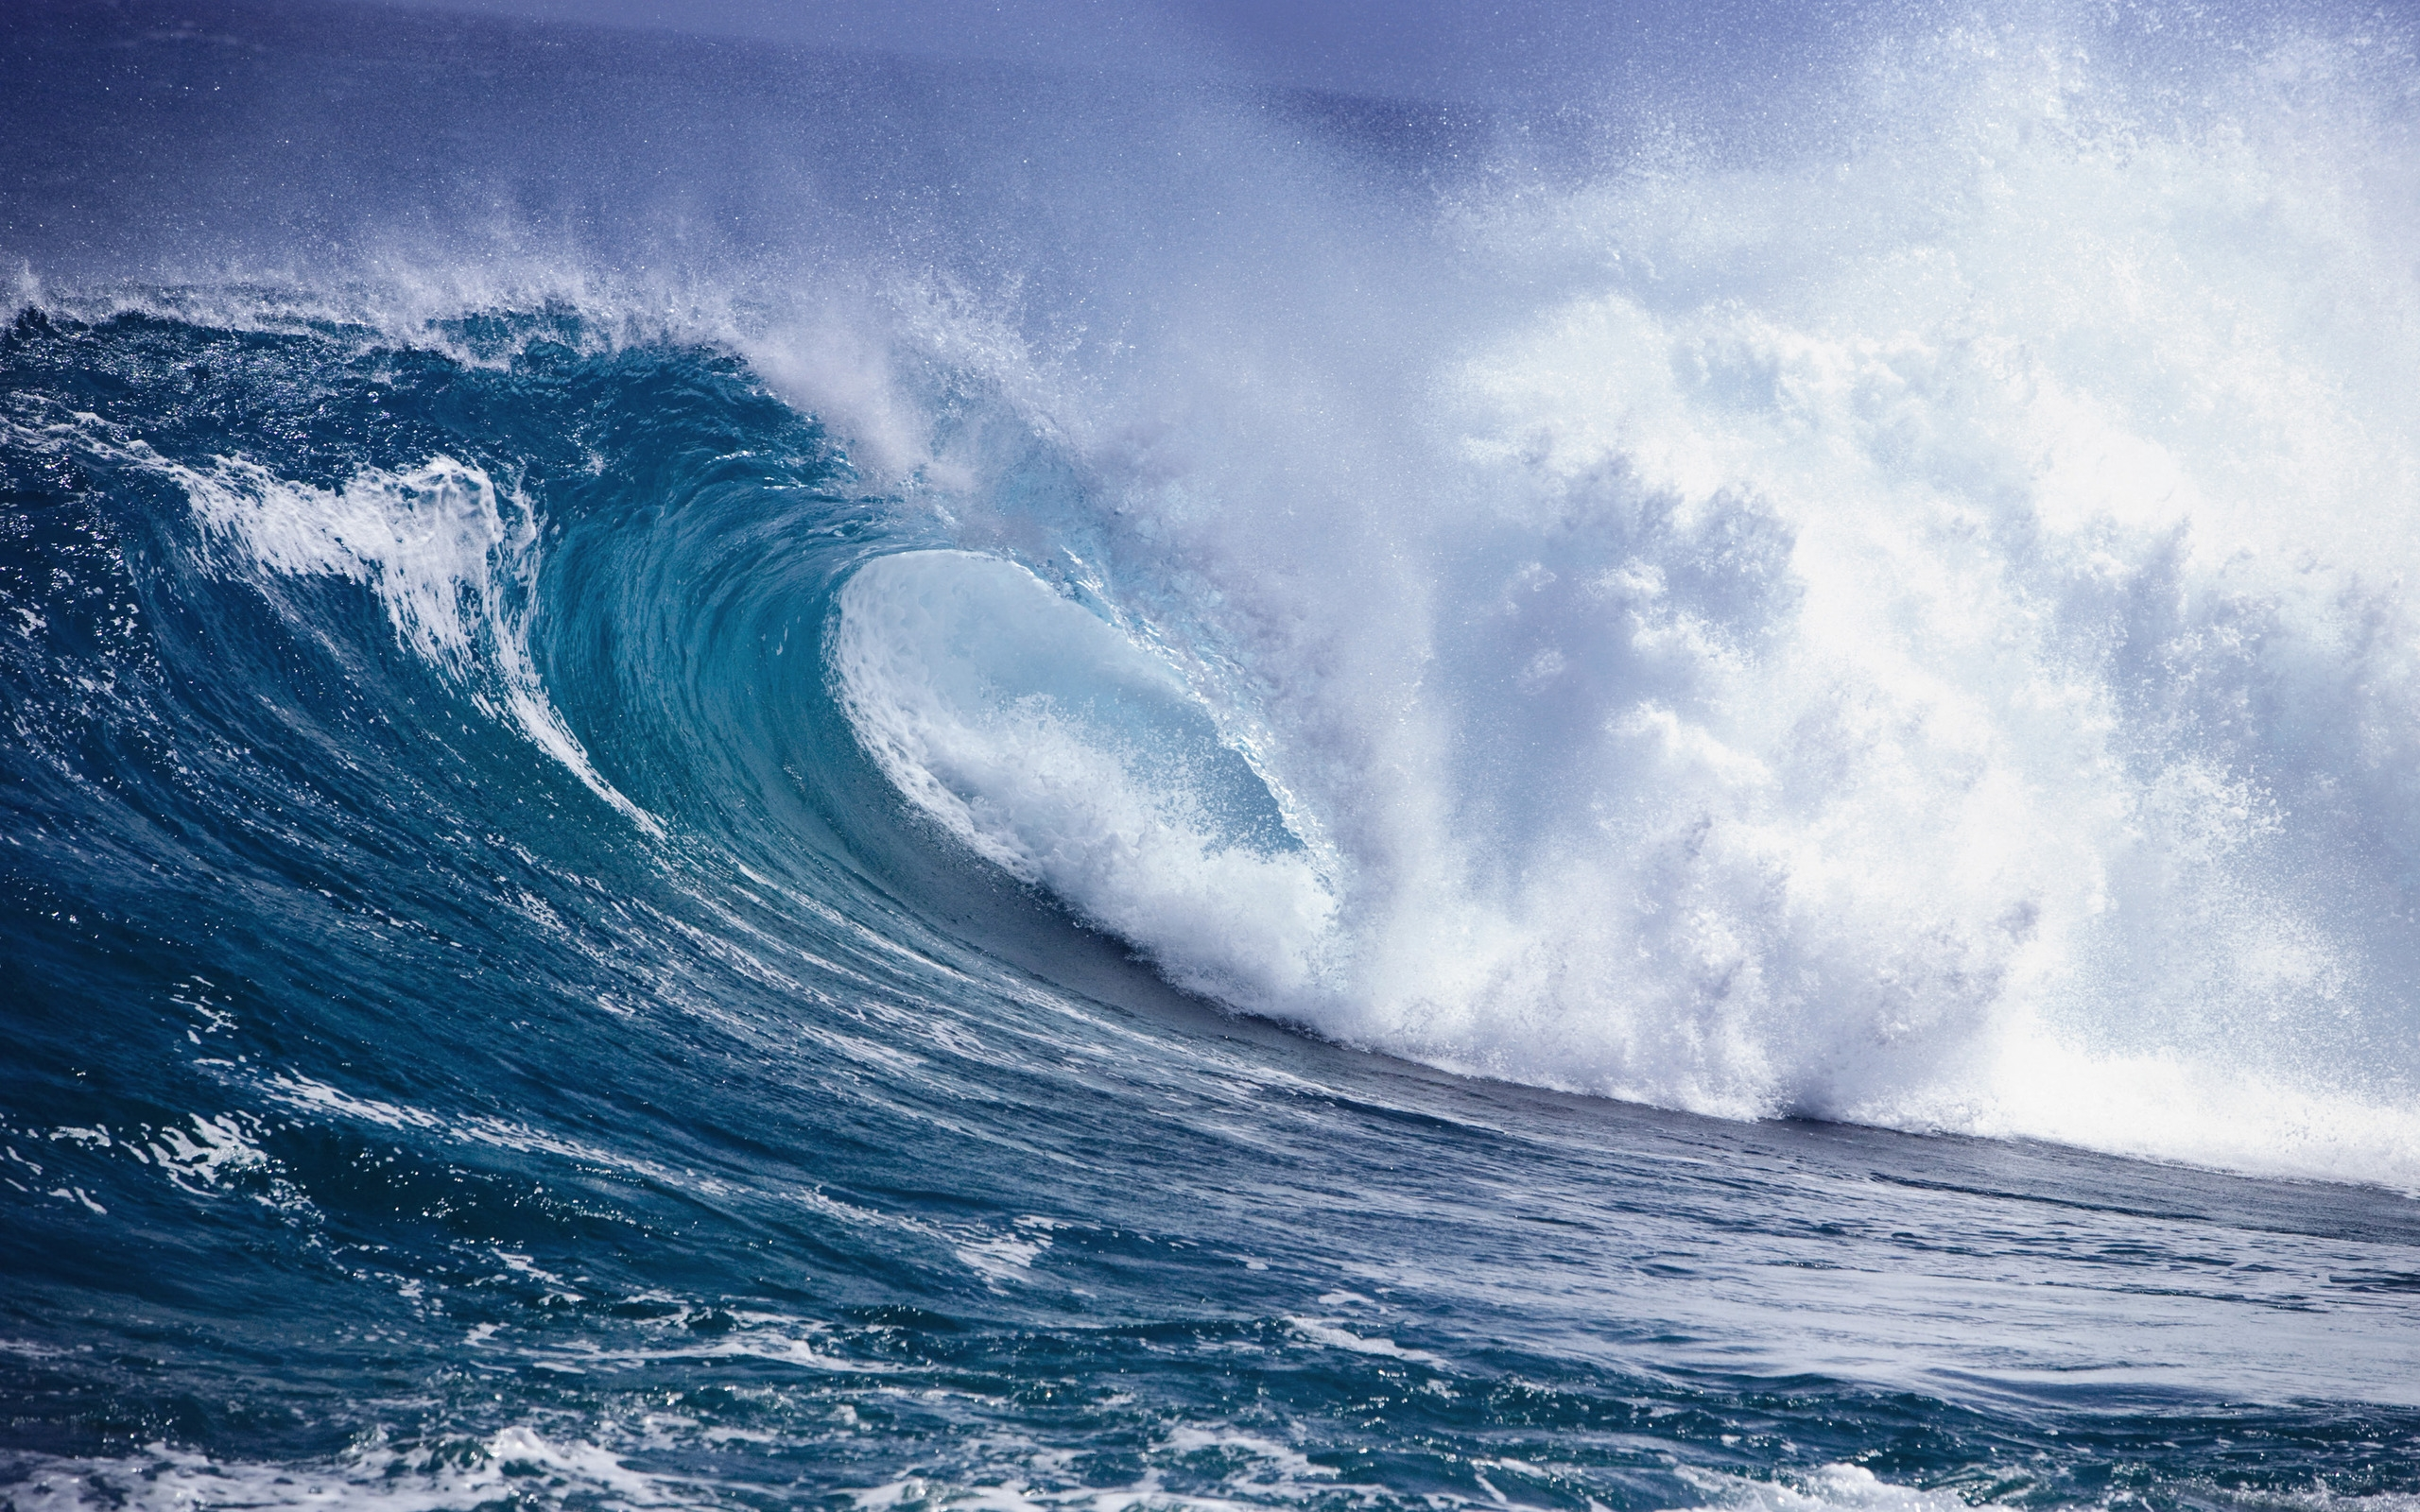 Природа картинка море